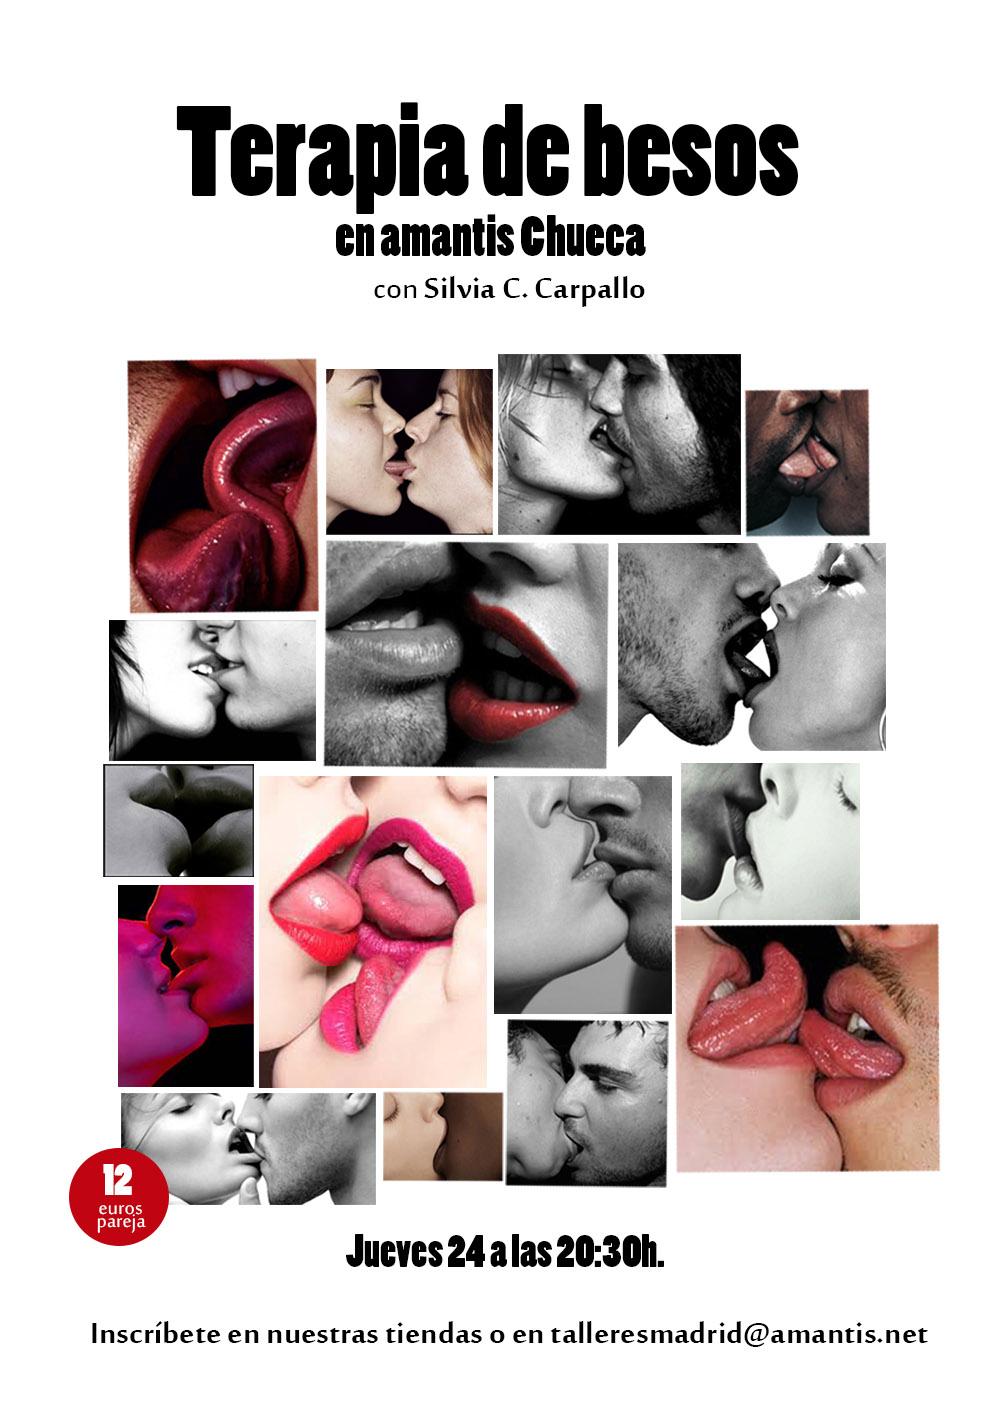 terapia de besos